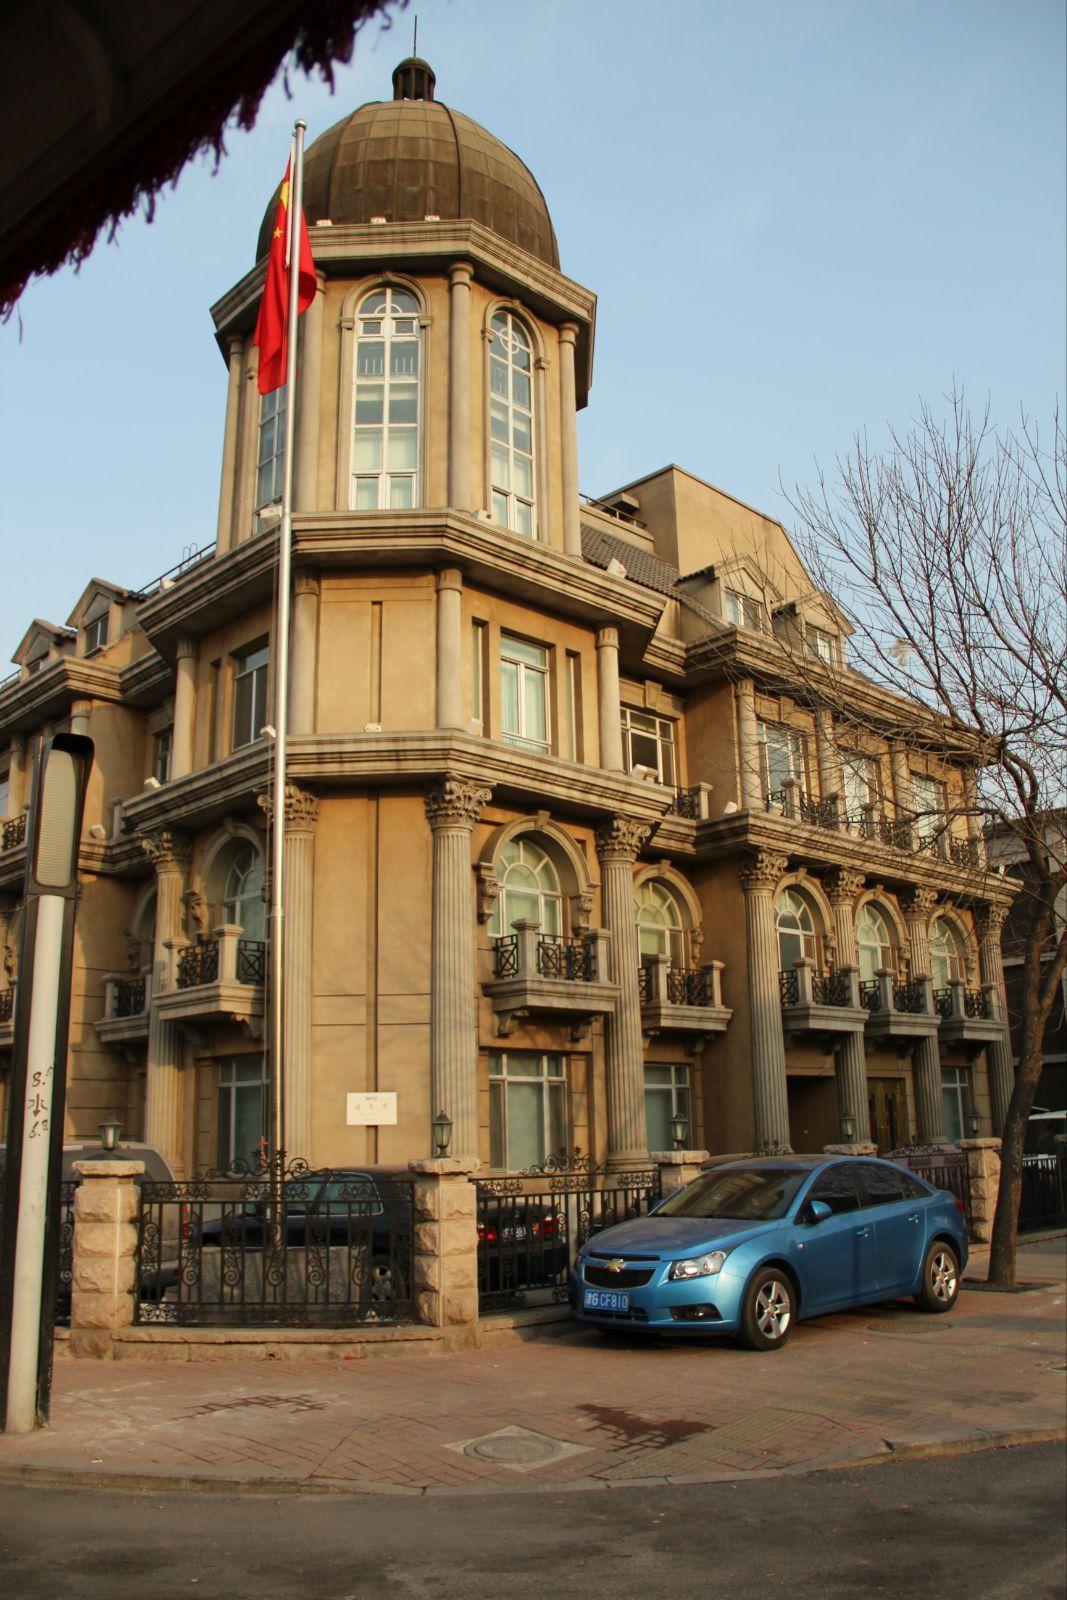 天津-五大道万国建筑